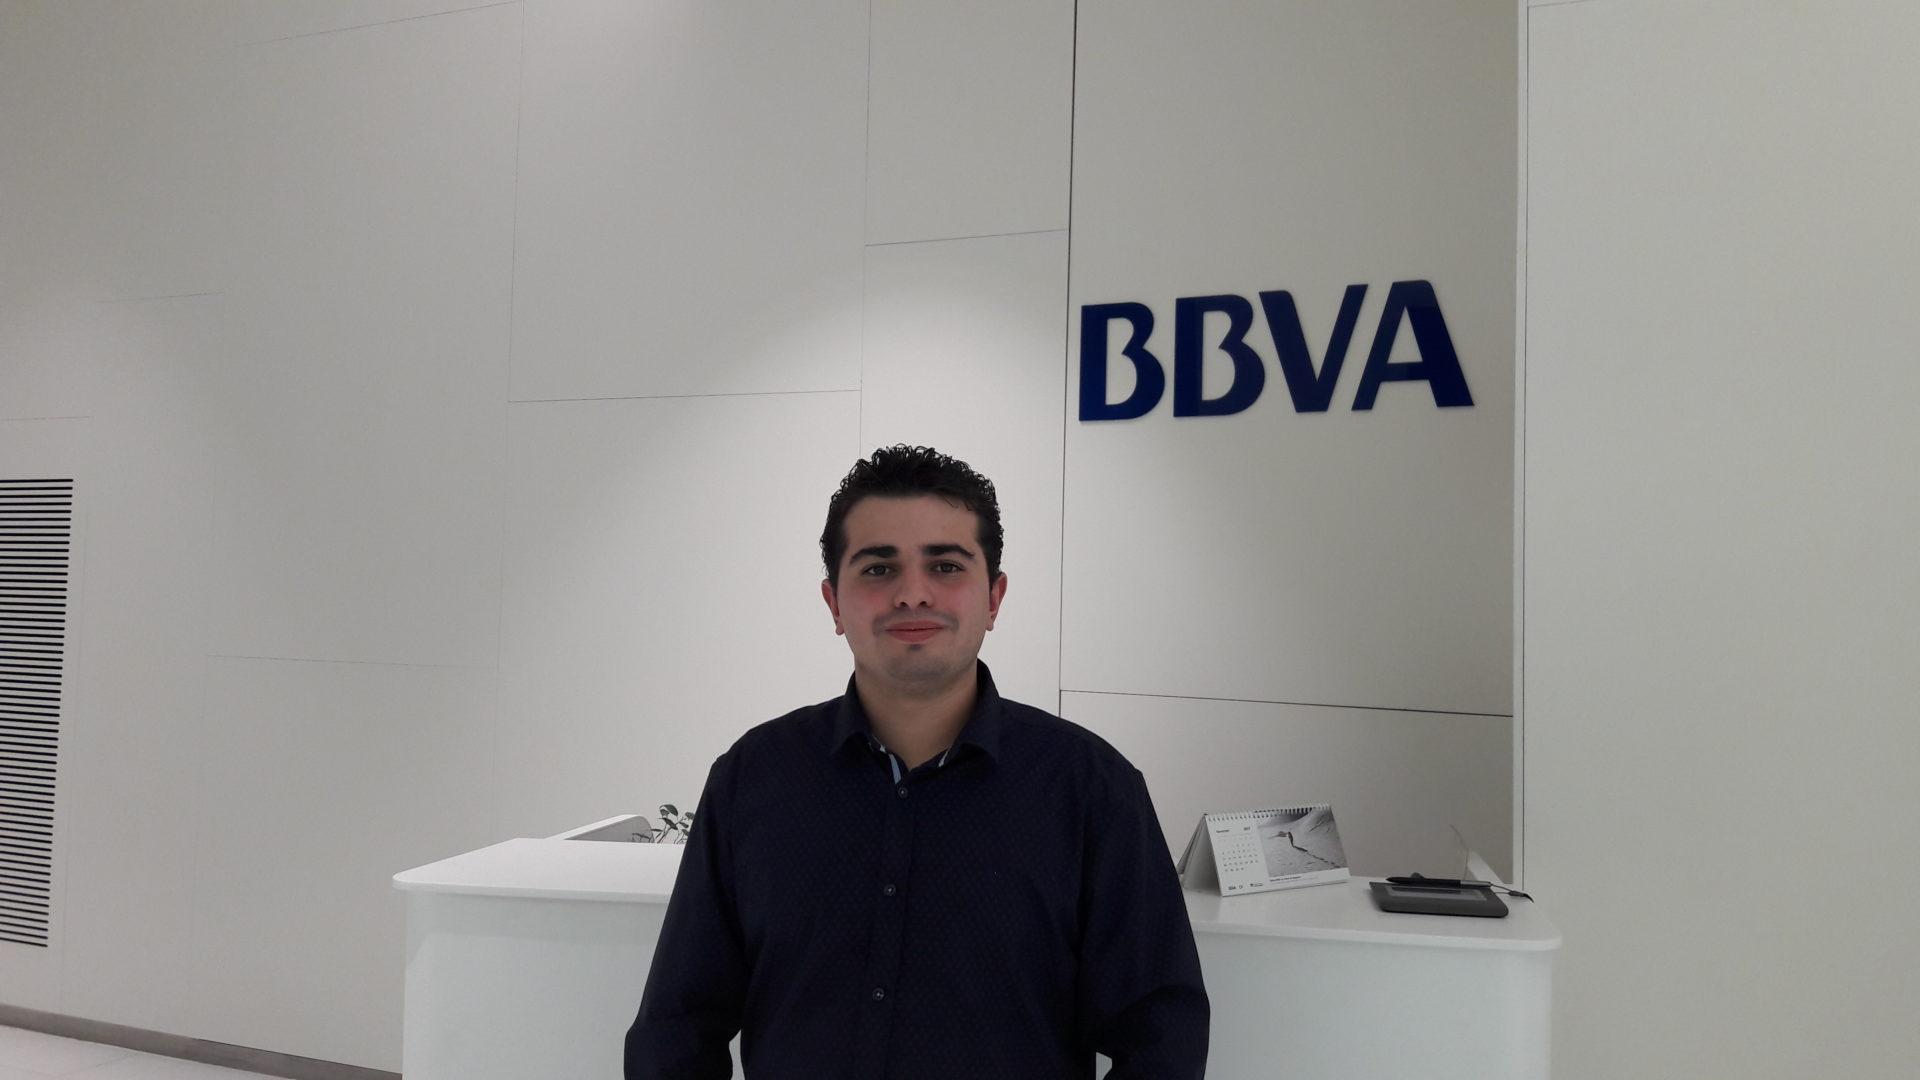 Creando oportunidades para mejorar la calidad de vida de for Bbva oficines barcelona